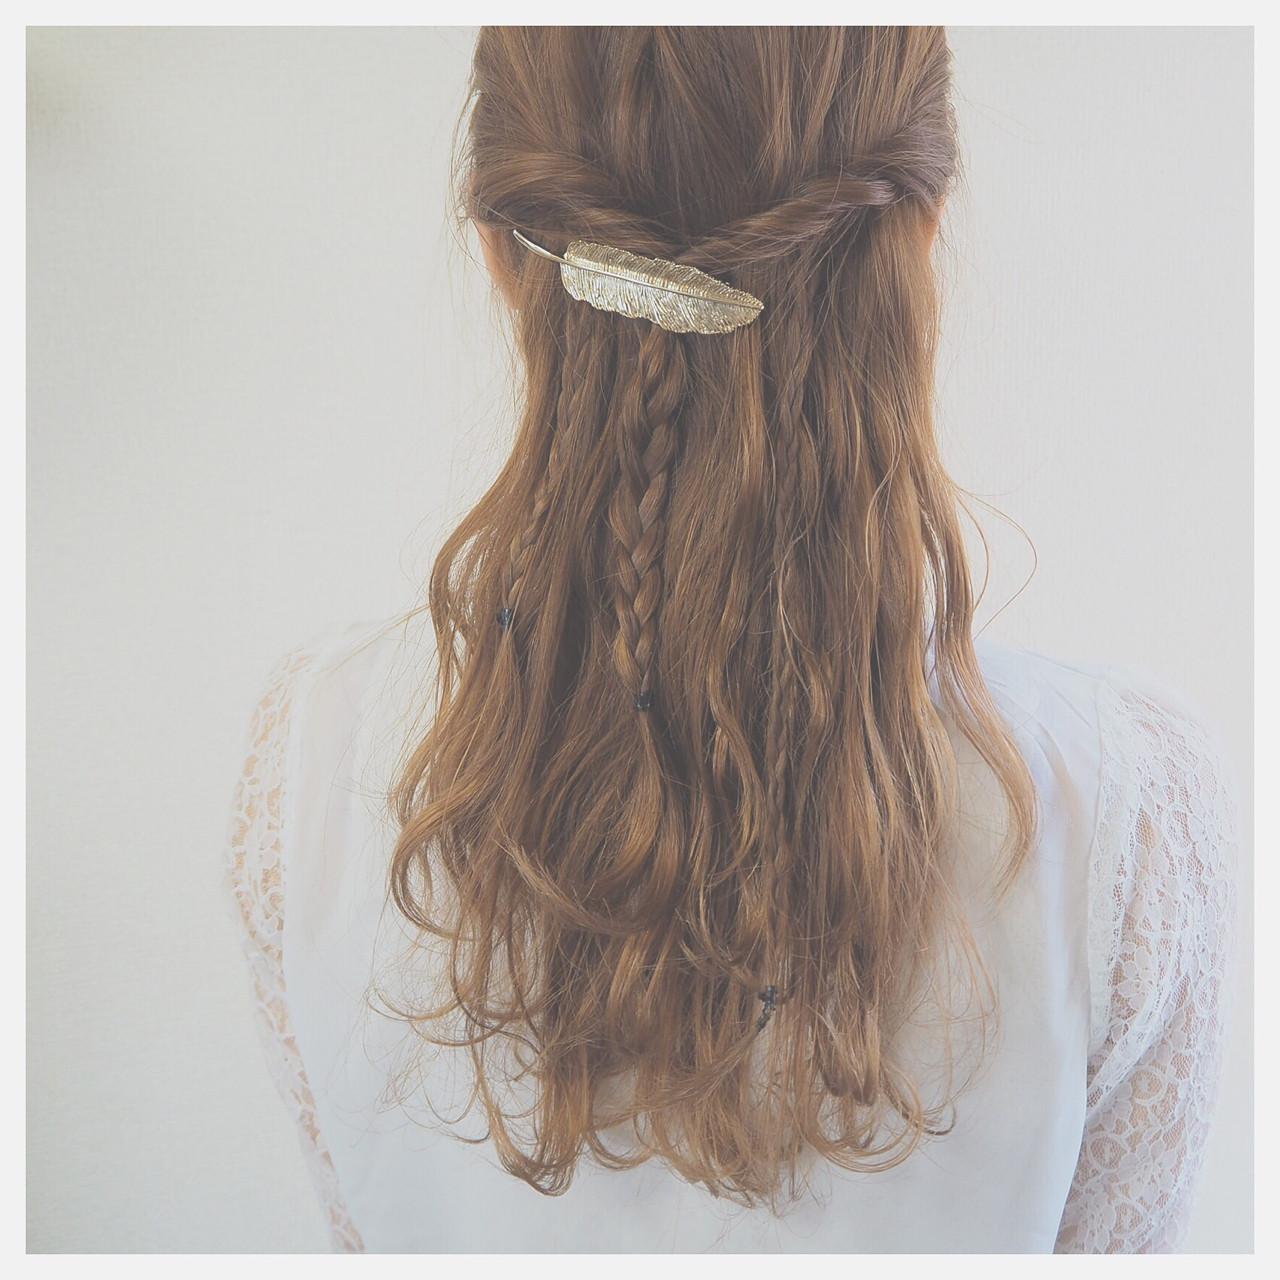 モテ髪 ヘアアレンジ 愛され ショート ヘアスタイルや髪型の写真・画像